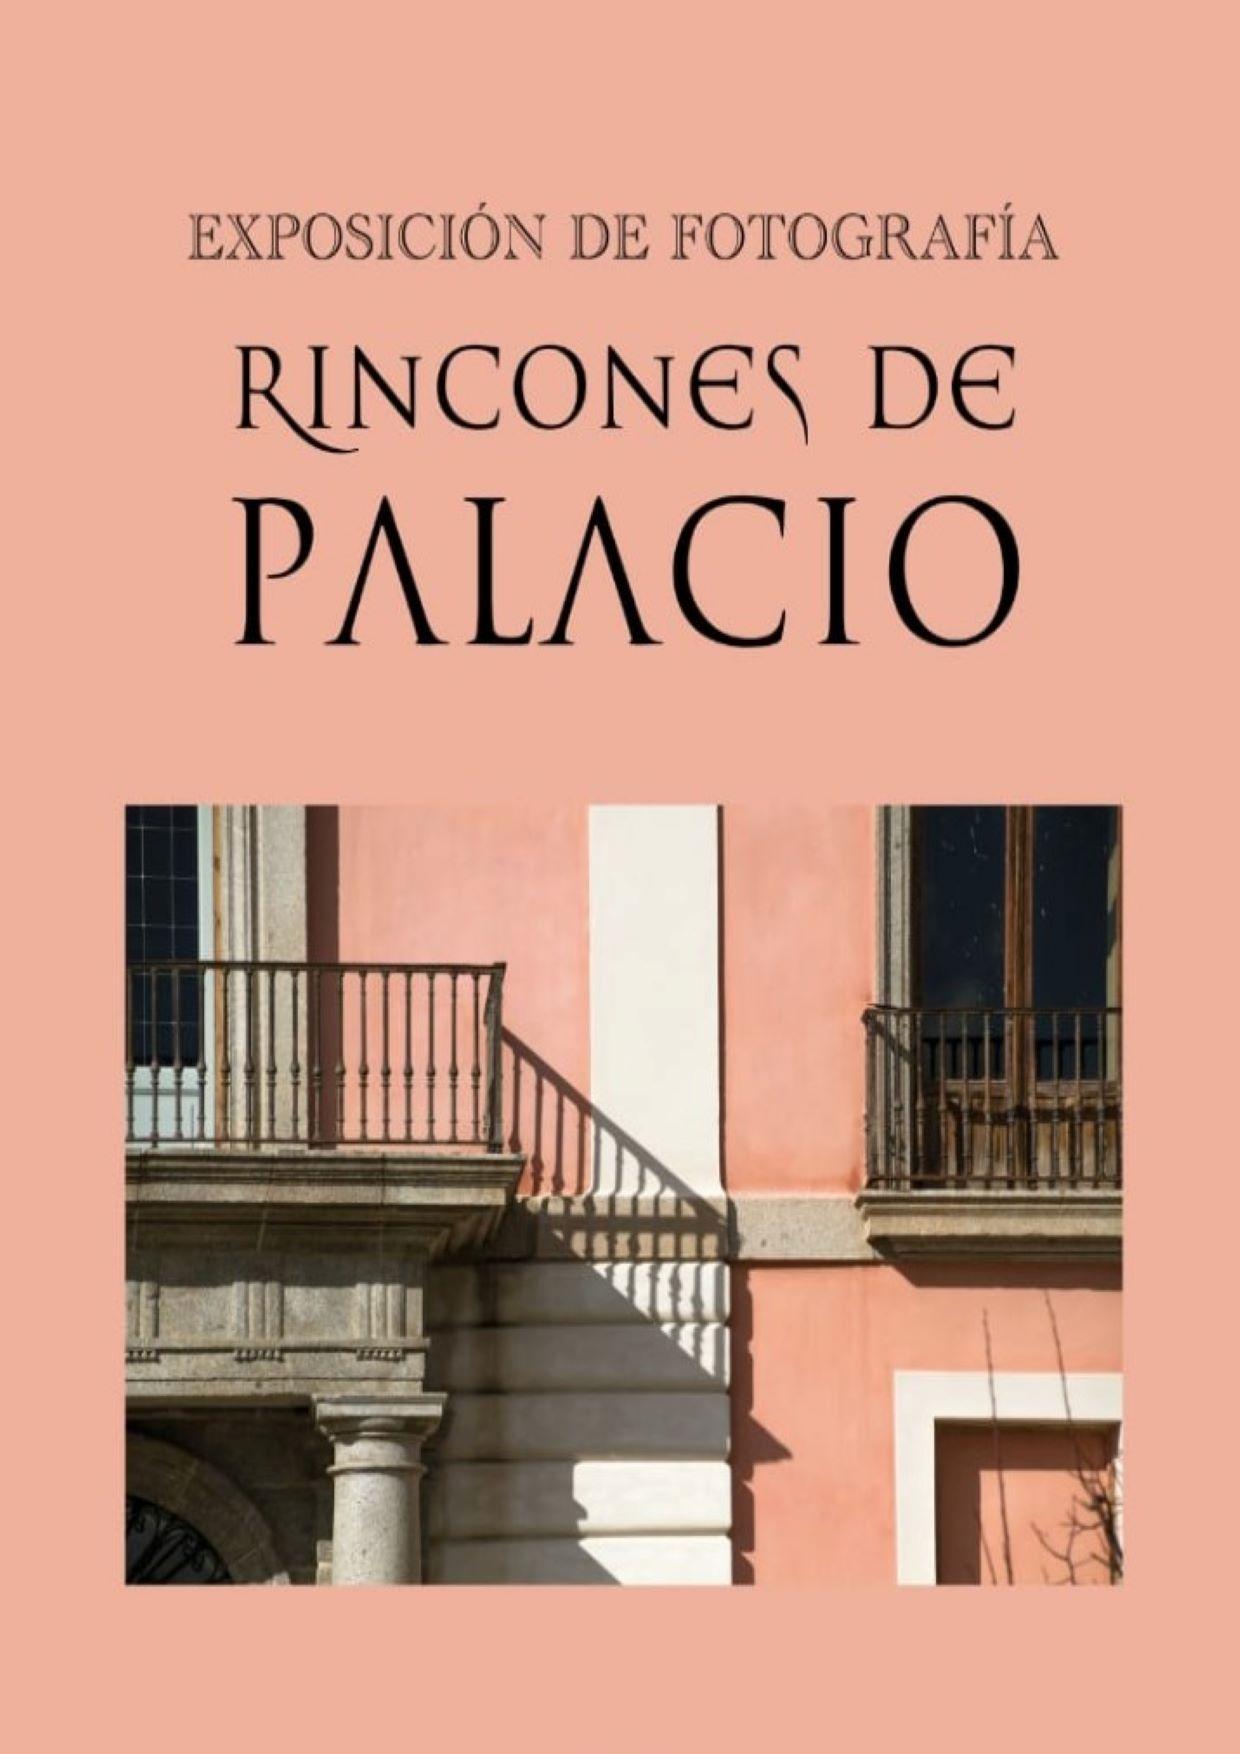 Exposición fotográfica: RINCONES DEL PALACIO